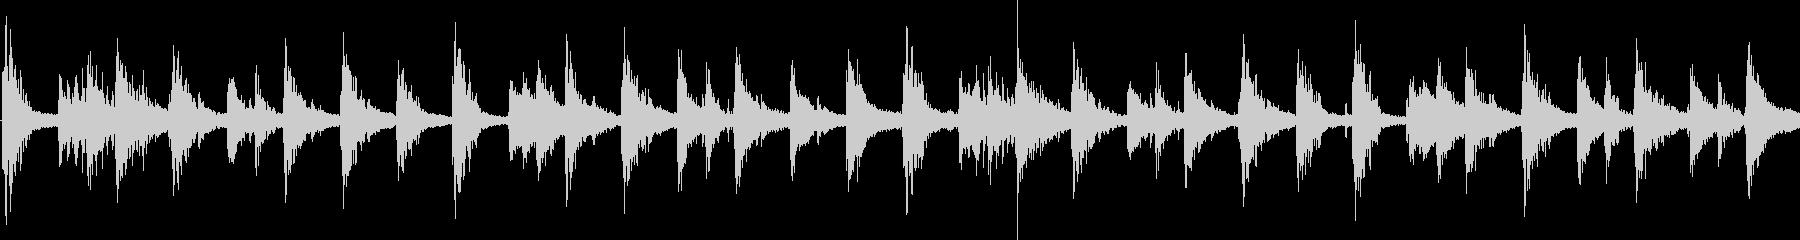 エスニック風のシンセジングル_ループの未再生の波形